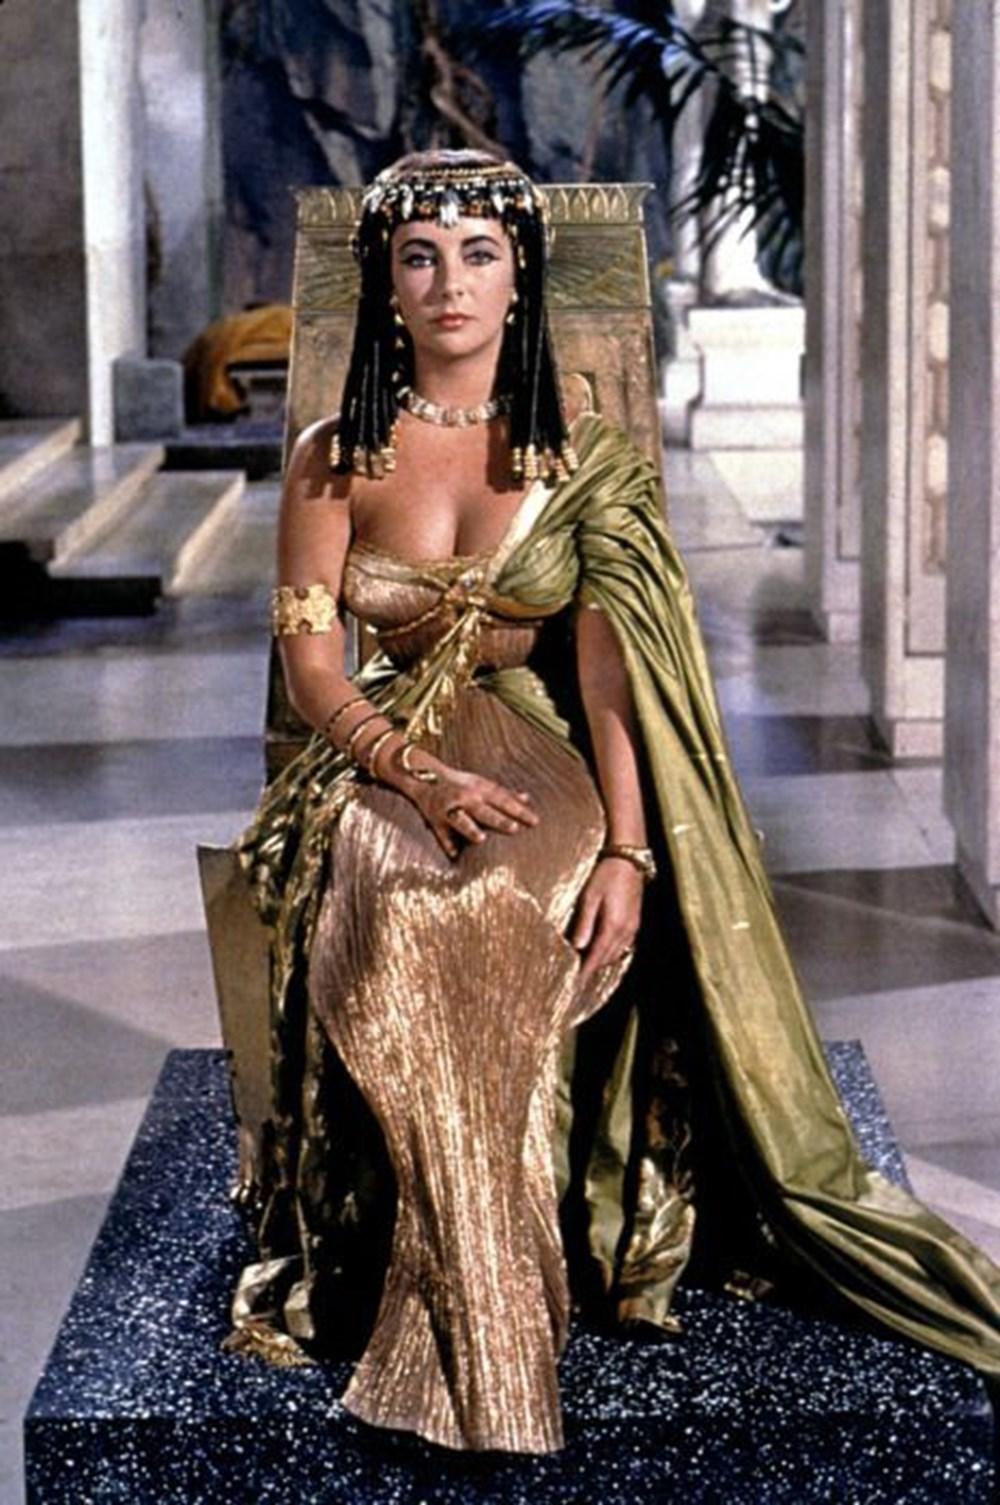 Gal Gadot yen filminde Cleopatra (Kleopatra) oluyor - 7